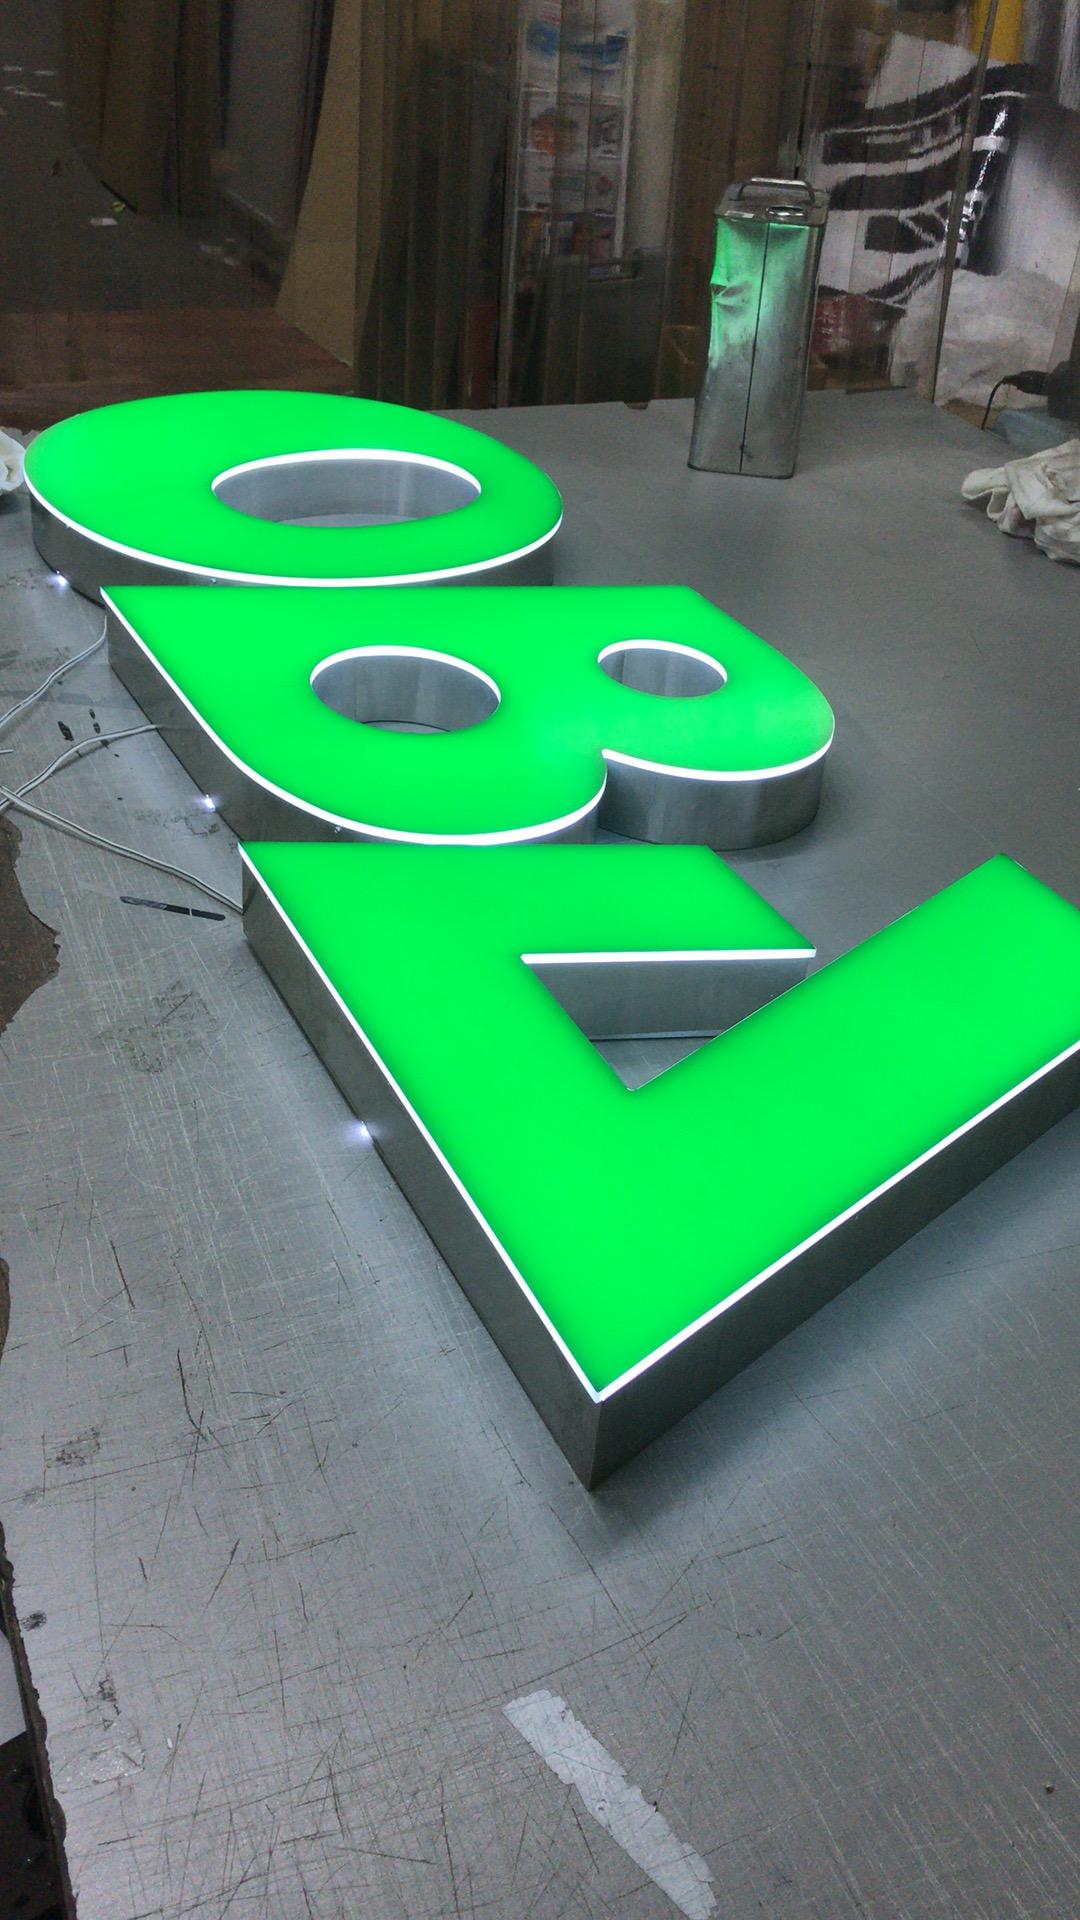 大庭産業様<br>「LEDチャンネル文字縁なしタイプ」